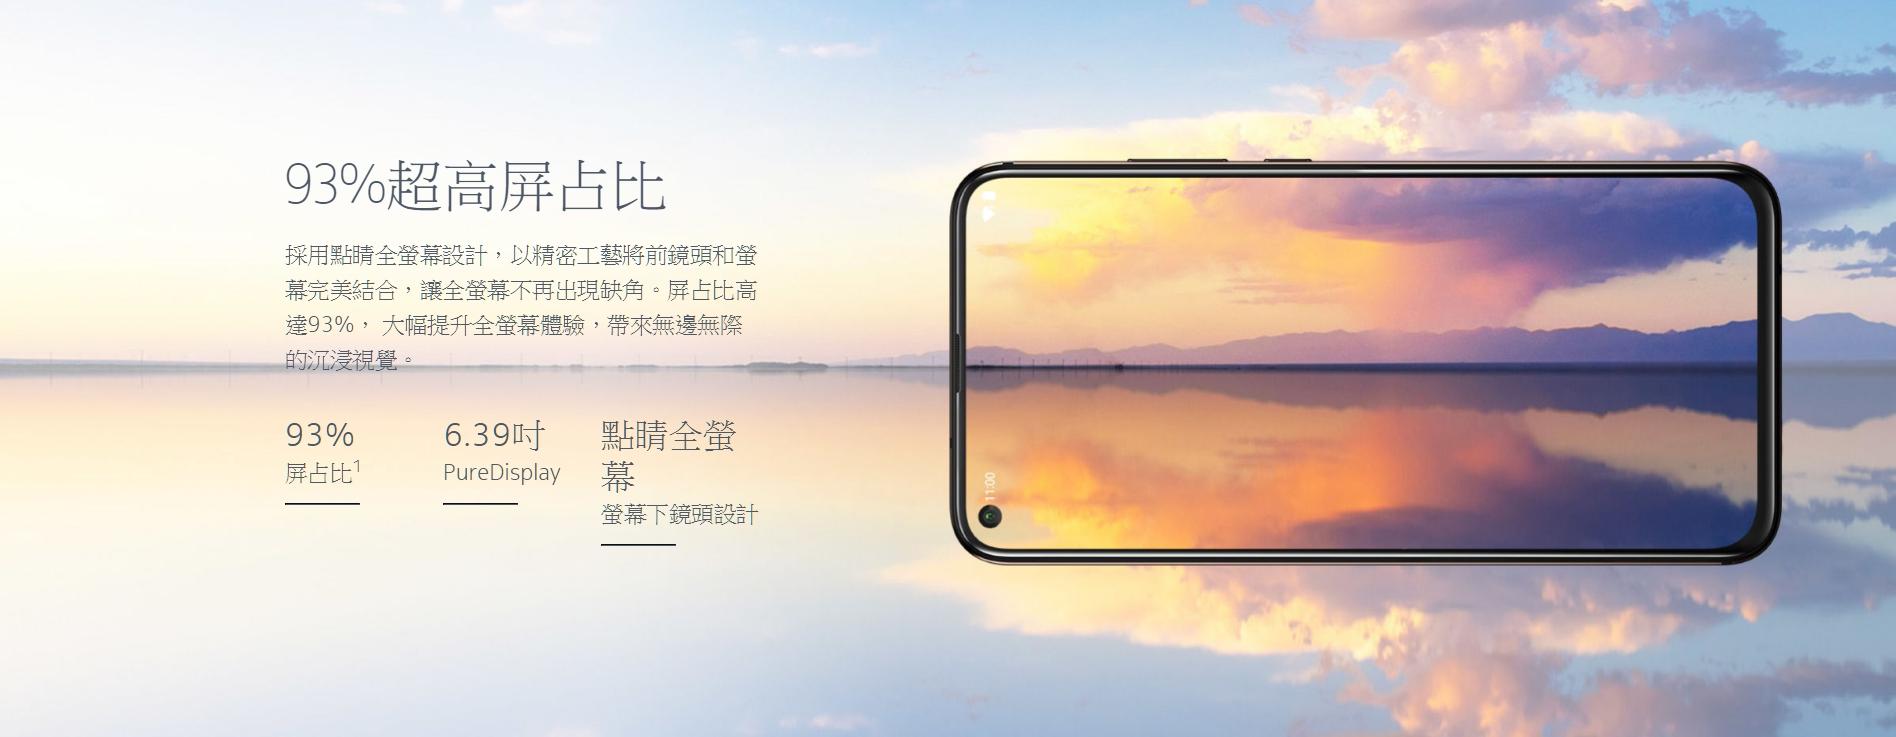 NOKIA X71 6.39吋大螢幕